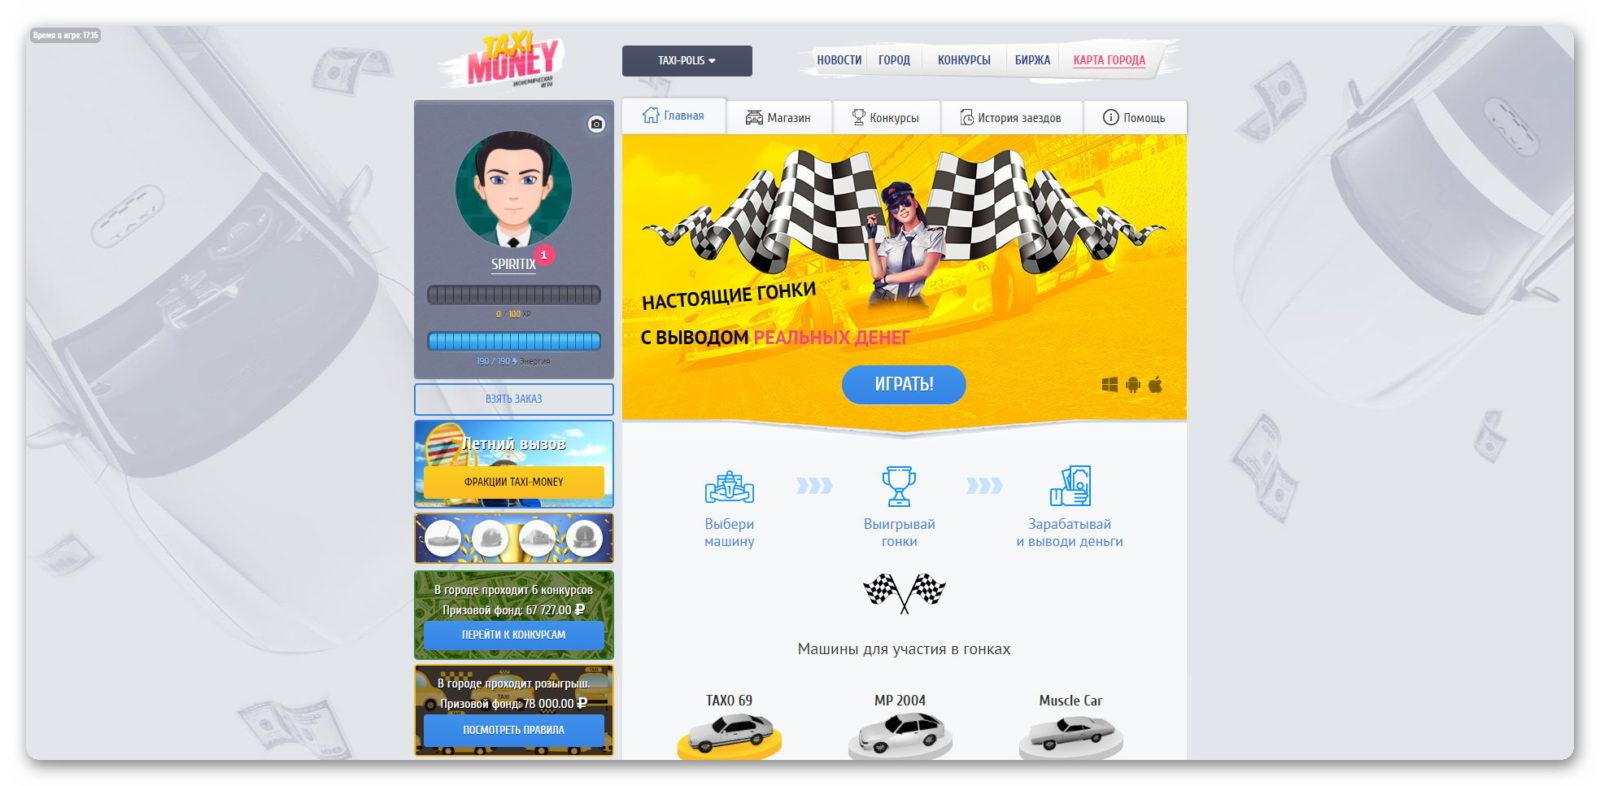 Главная страница в гонках в игре Taxi-Money